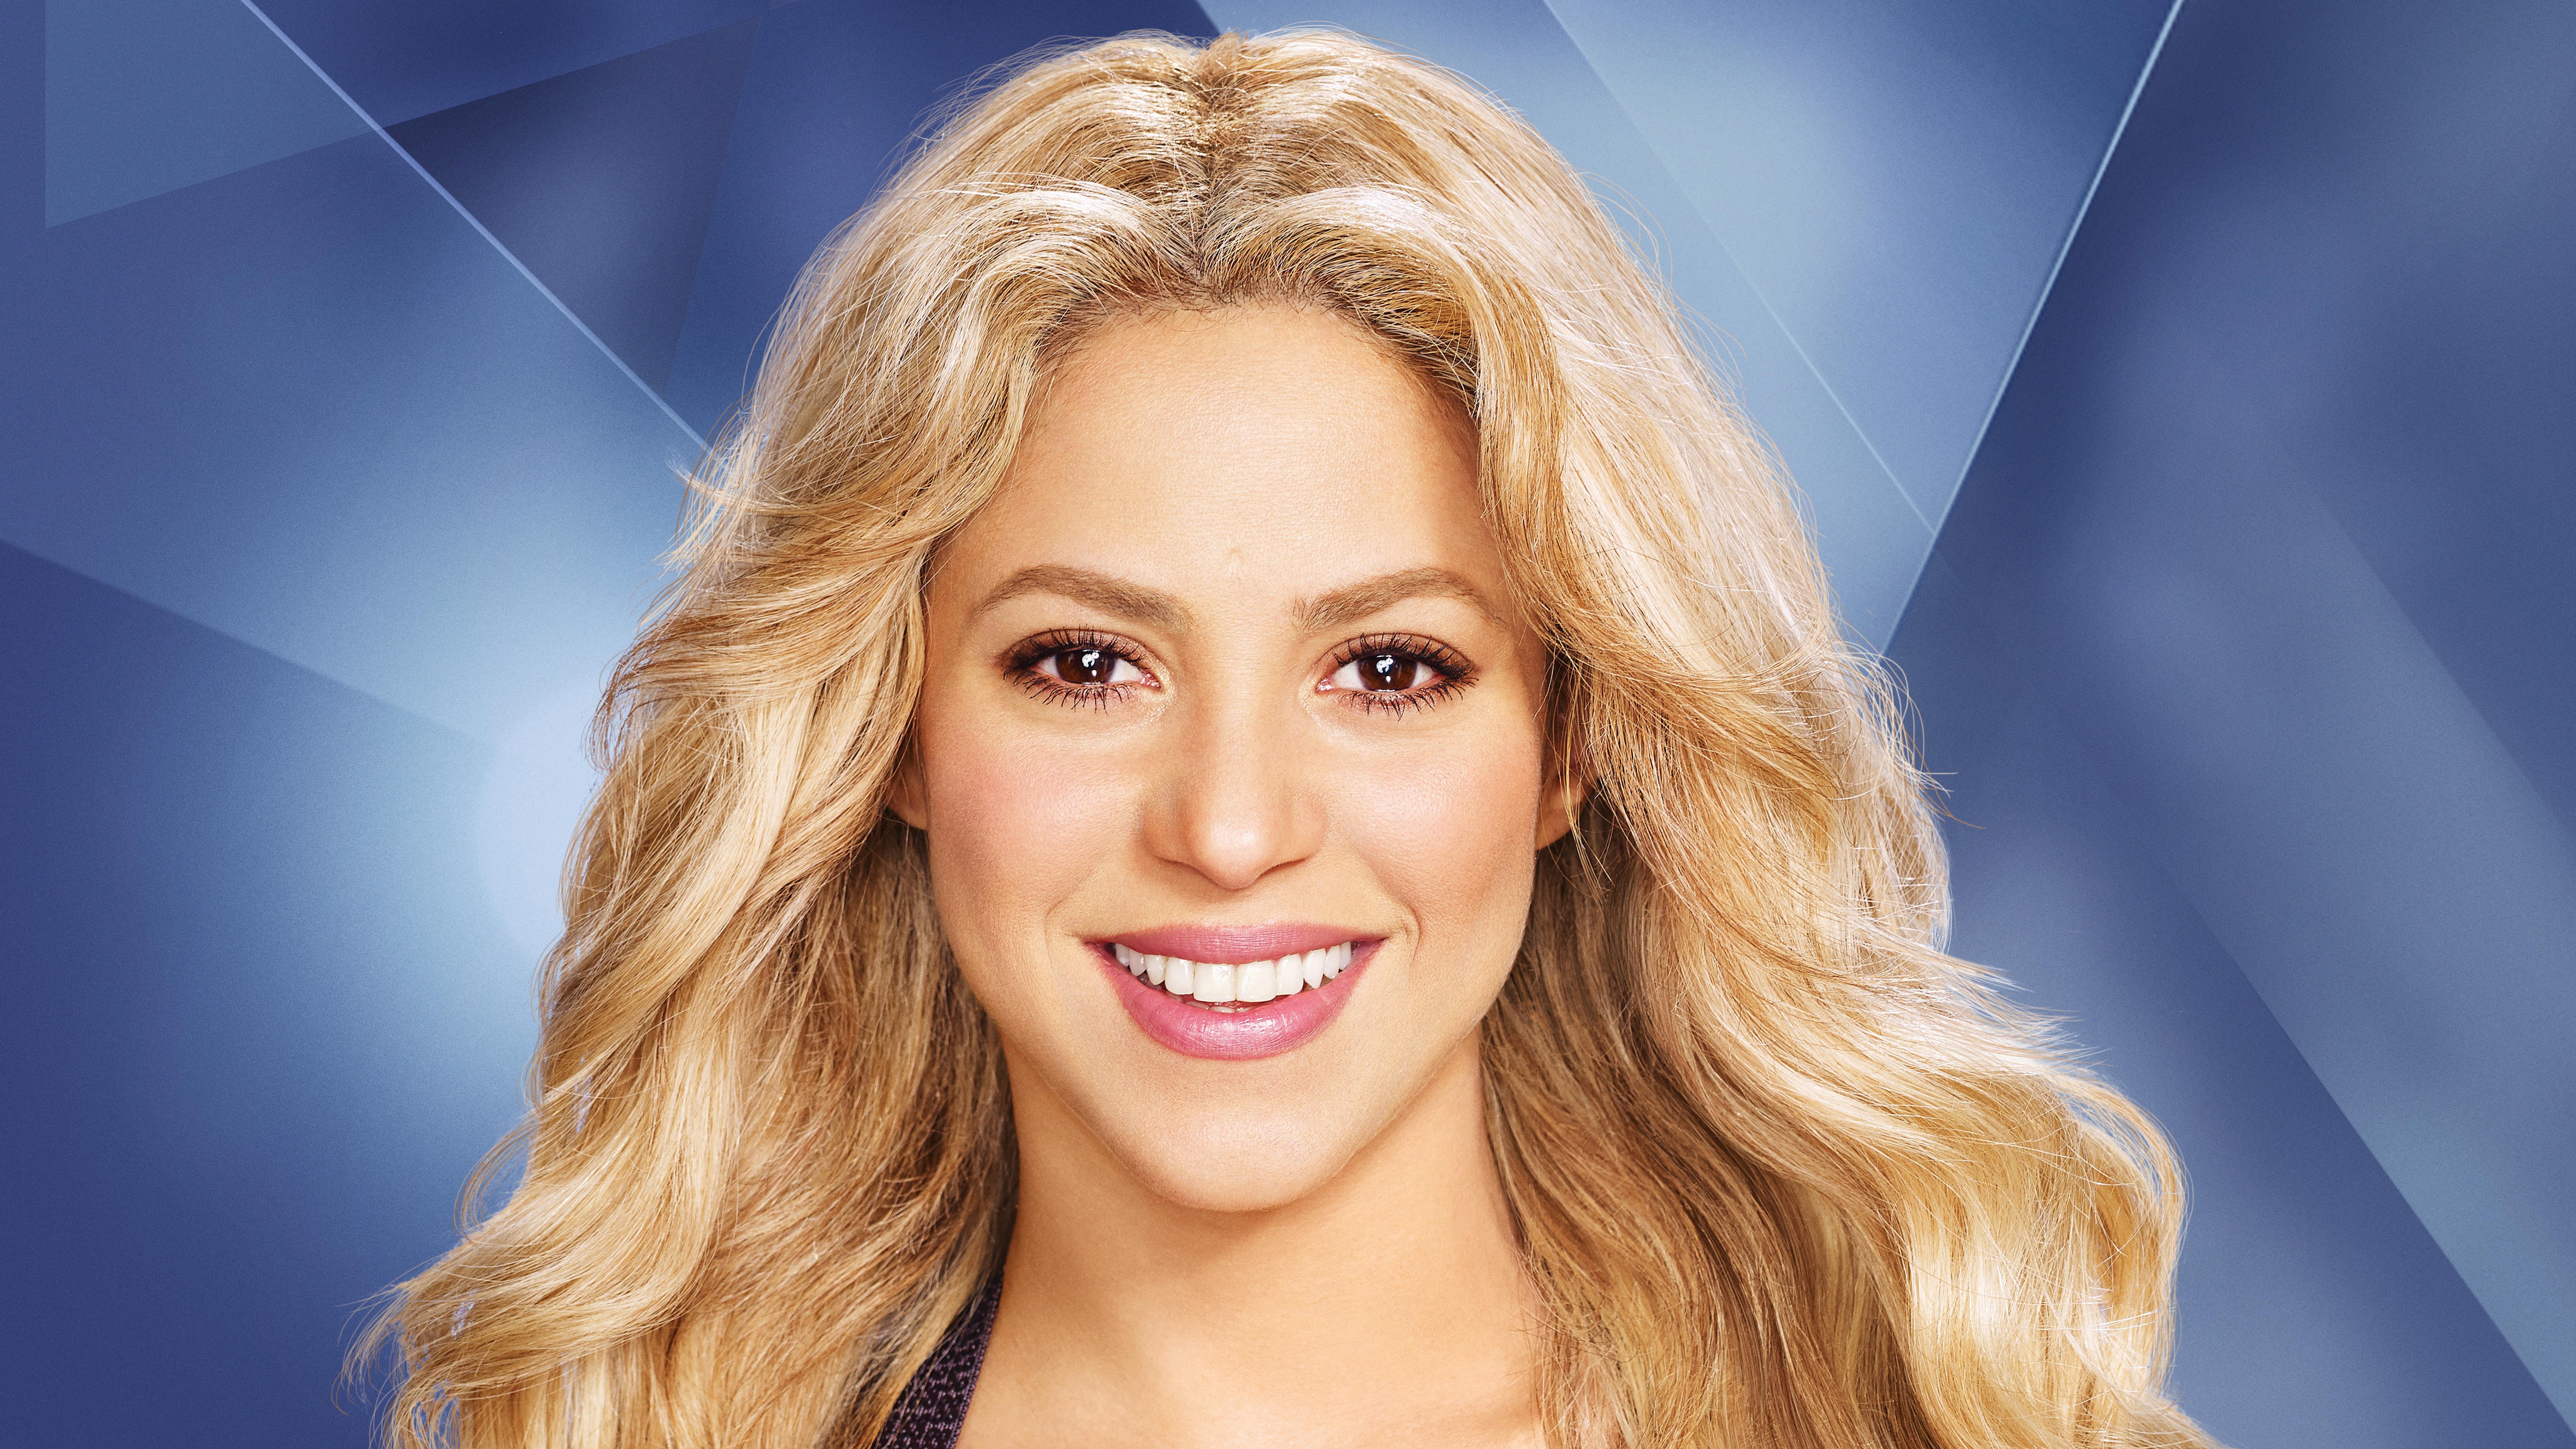 Обои Шакира, знаменитость, волосы, лицо, блондин в разрешении 1280x720